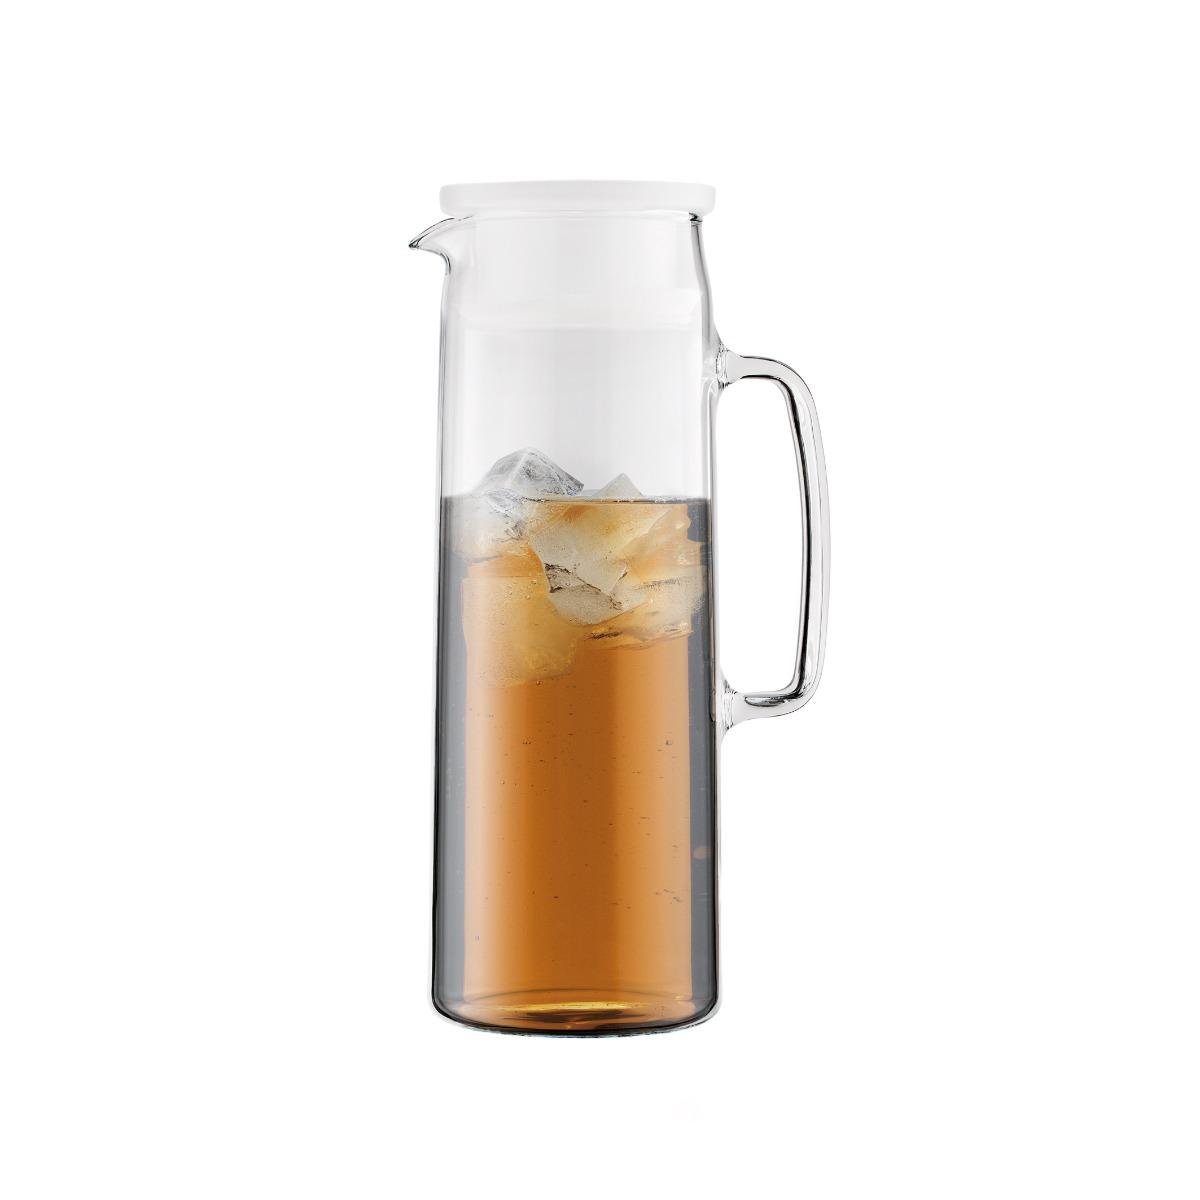 BIASCA: Pichet infuseur en verre, couvercle avec filtre 1.2 l